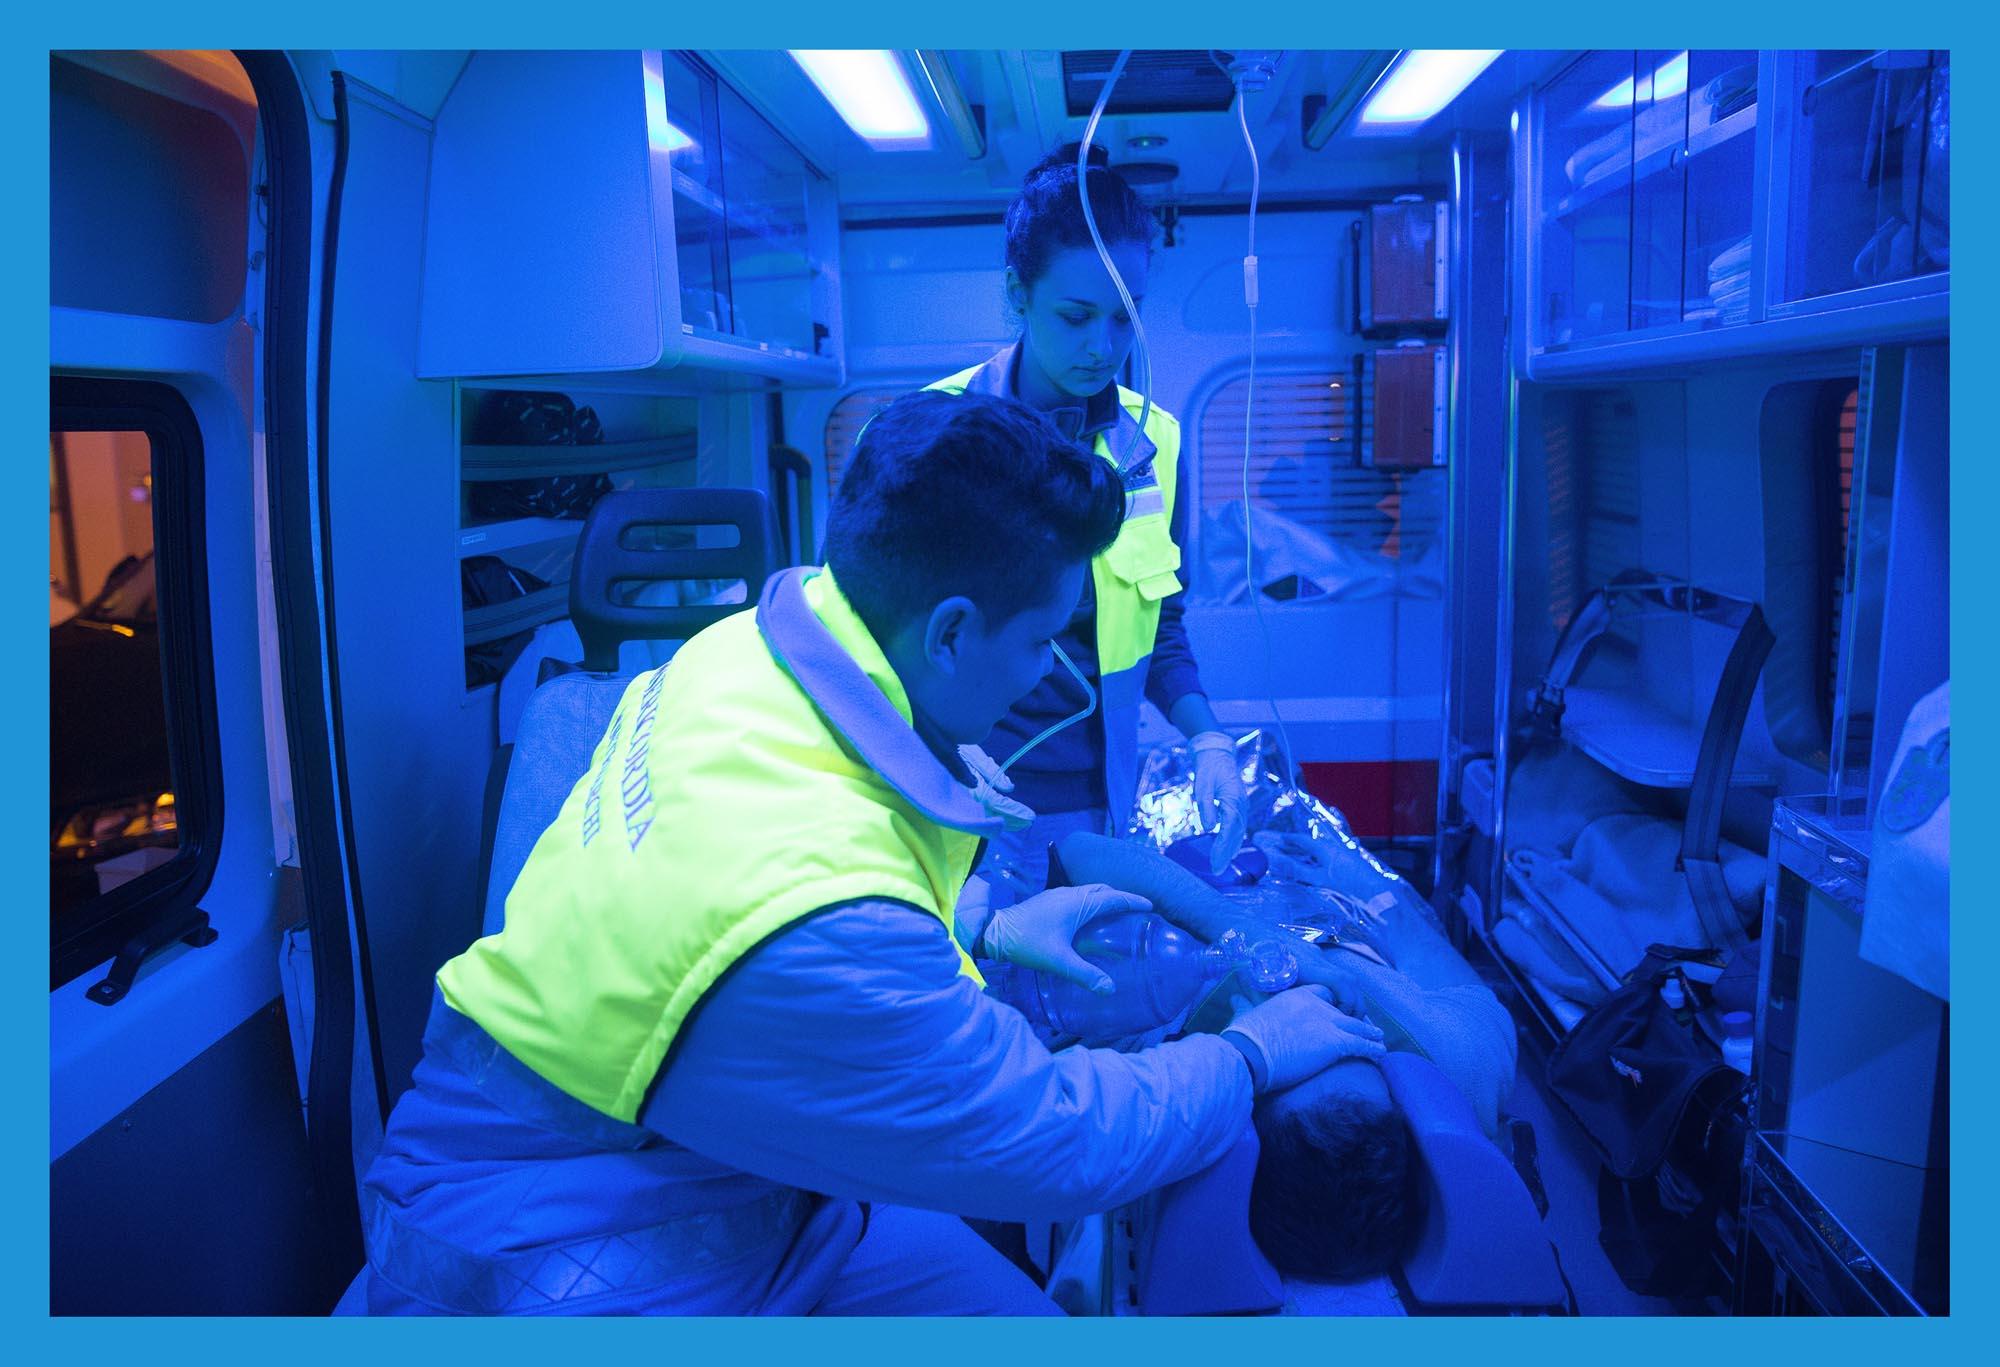 0188 Volontari soccorso e trasporto con ambulanze - Volontari AVO e della Misericordia, on the other side